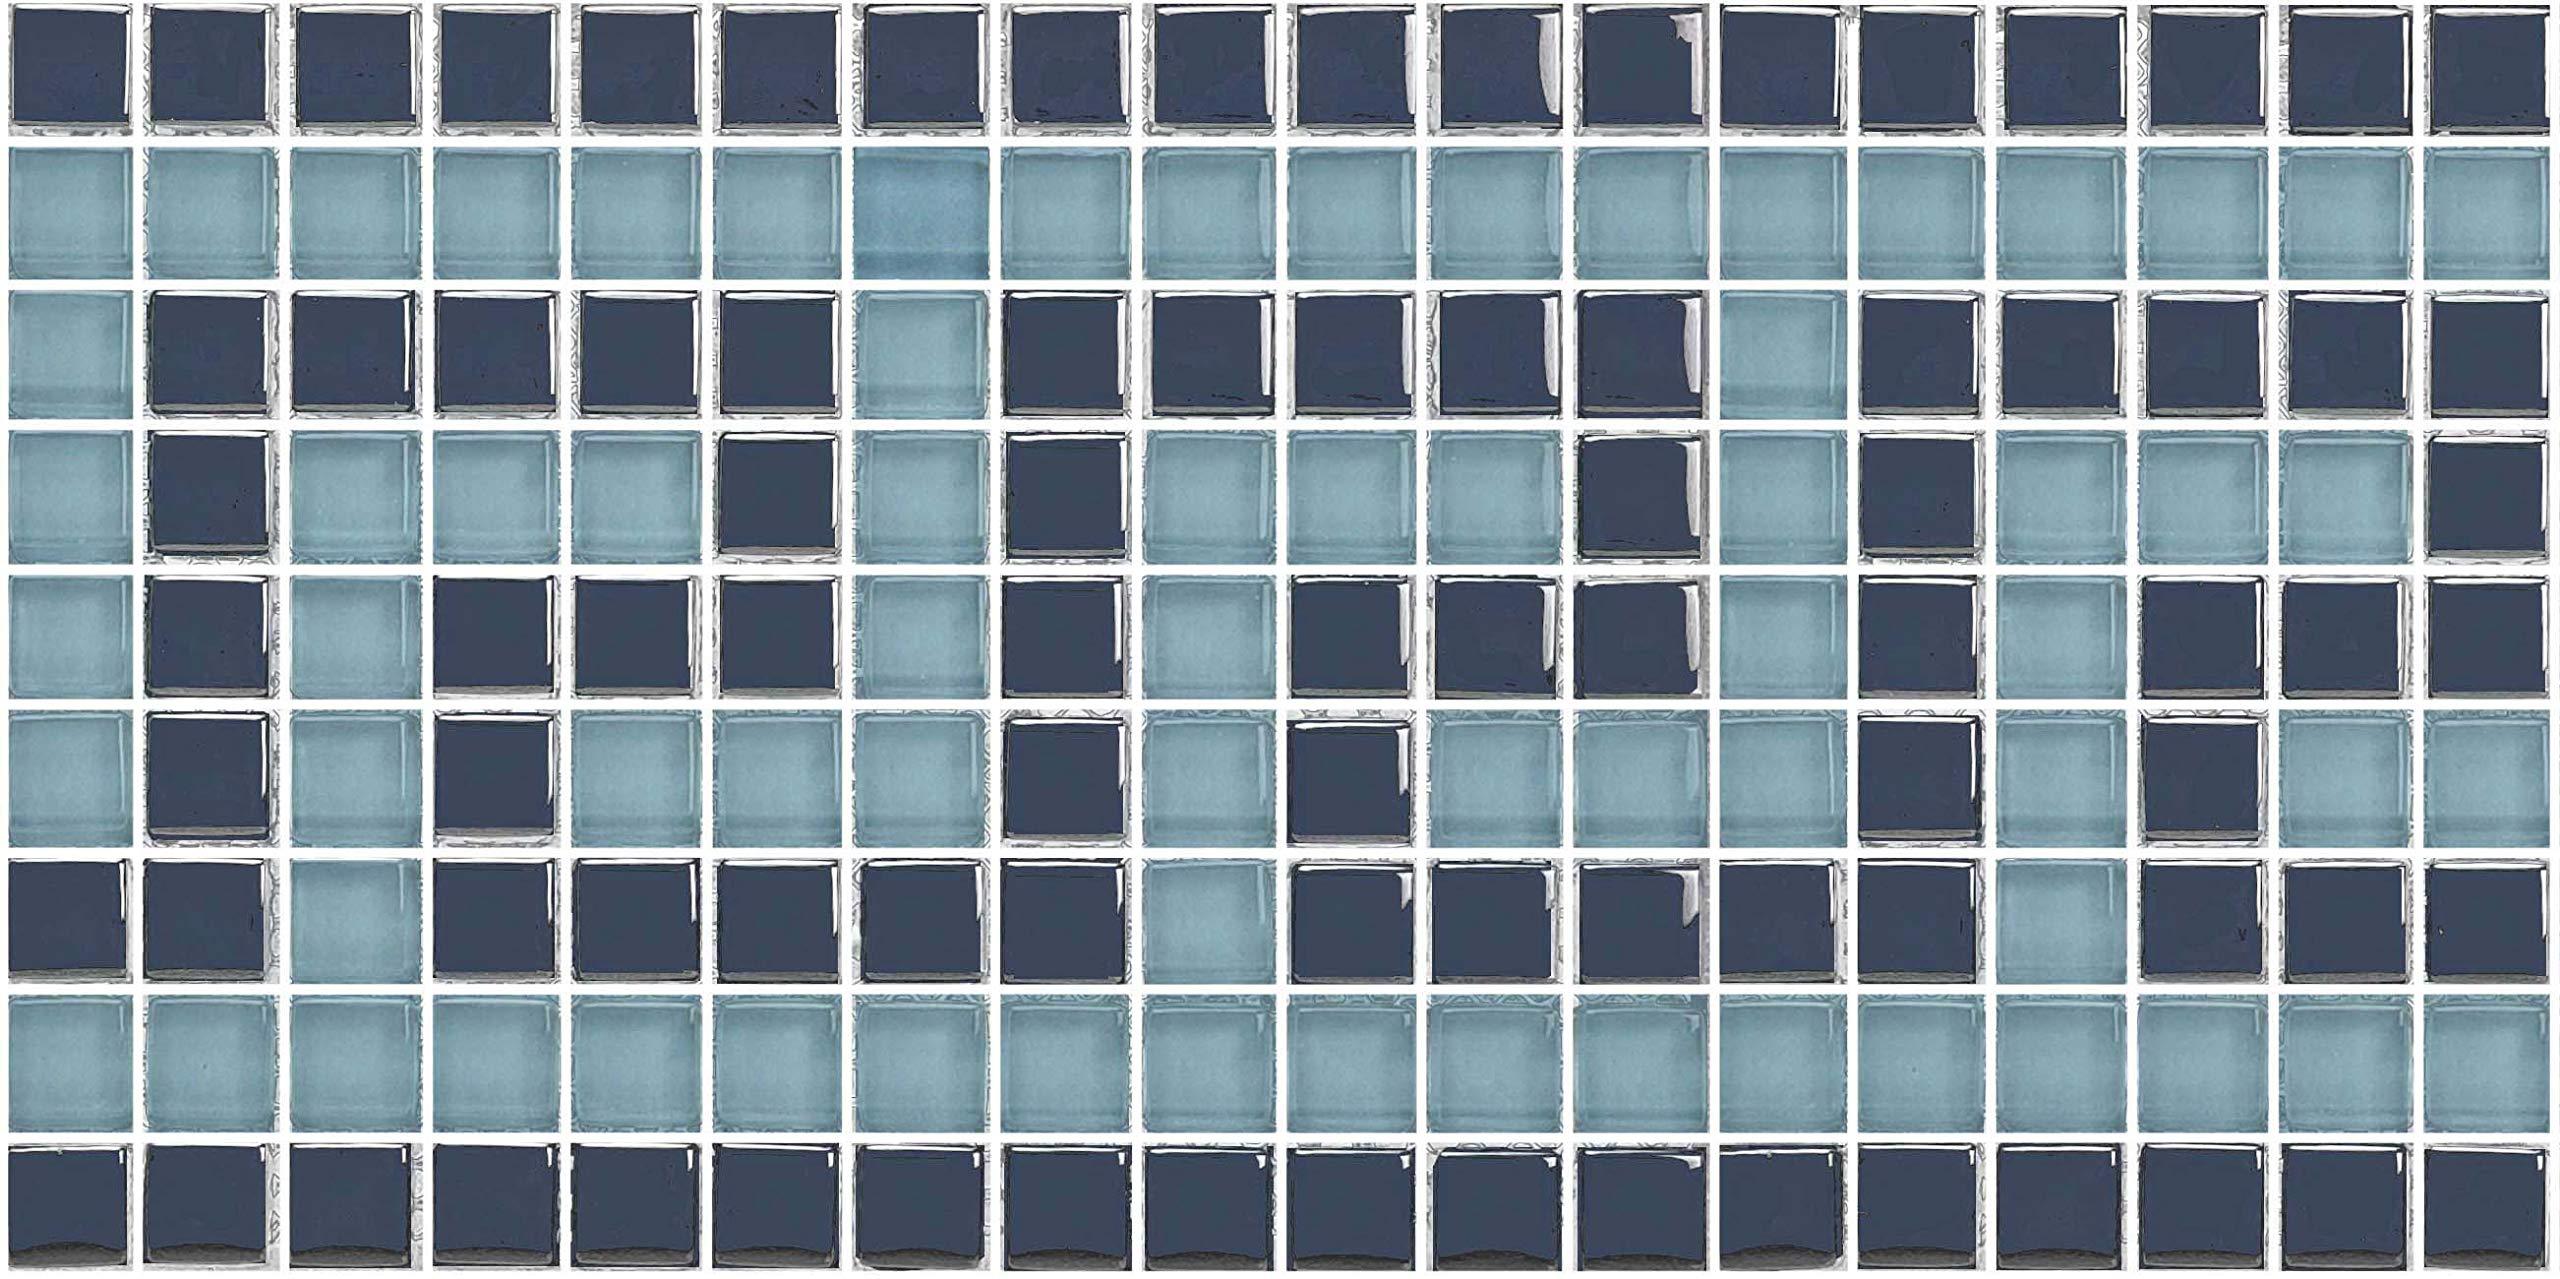 Greek Mosaic Patterns Free Patterns